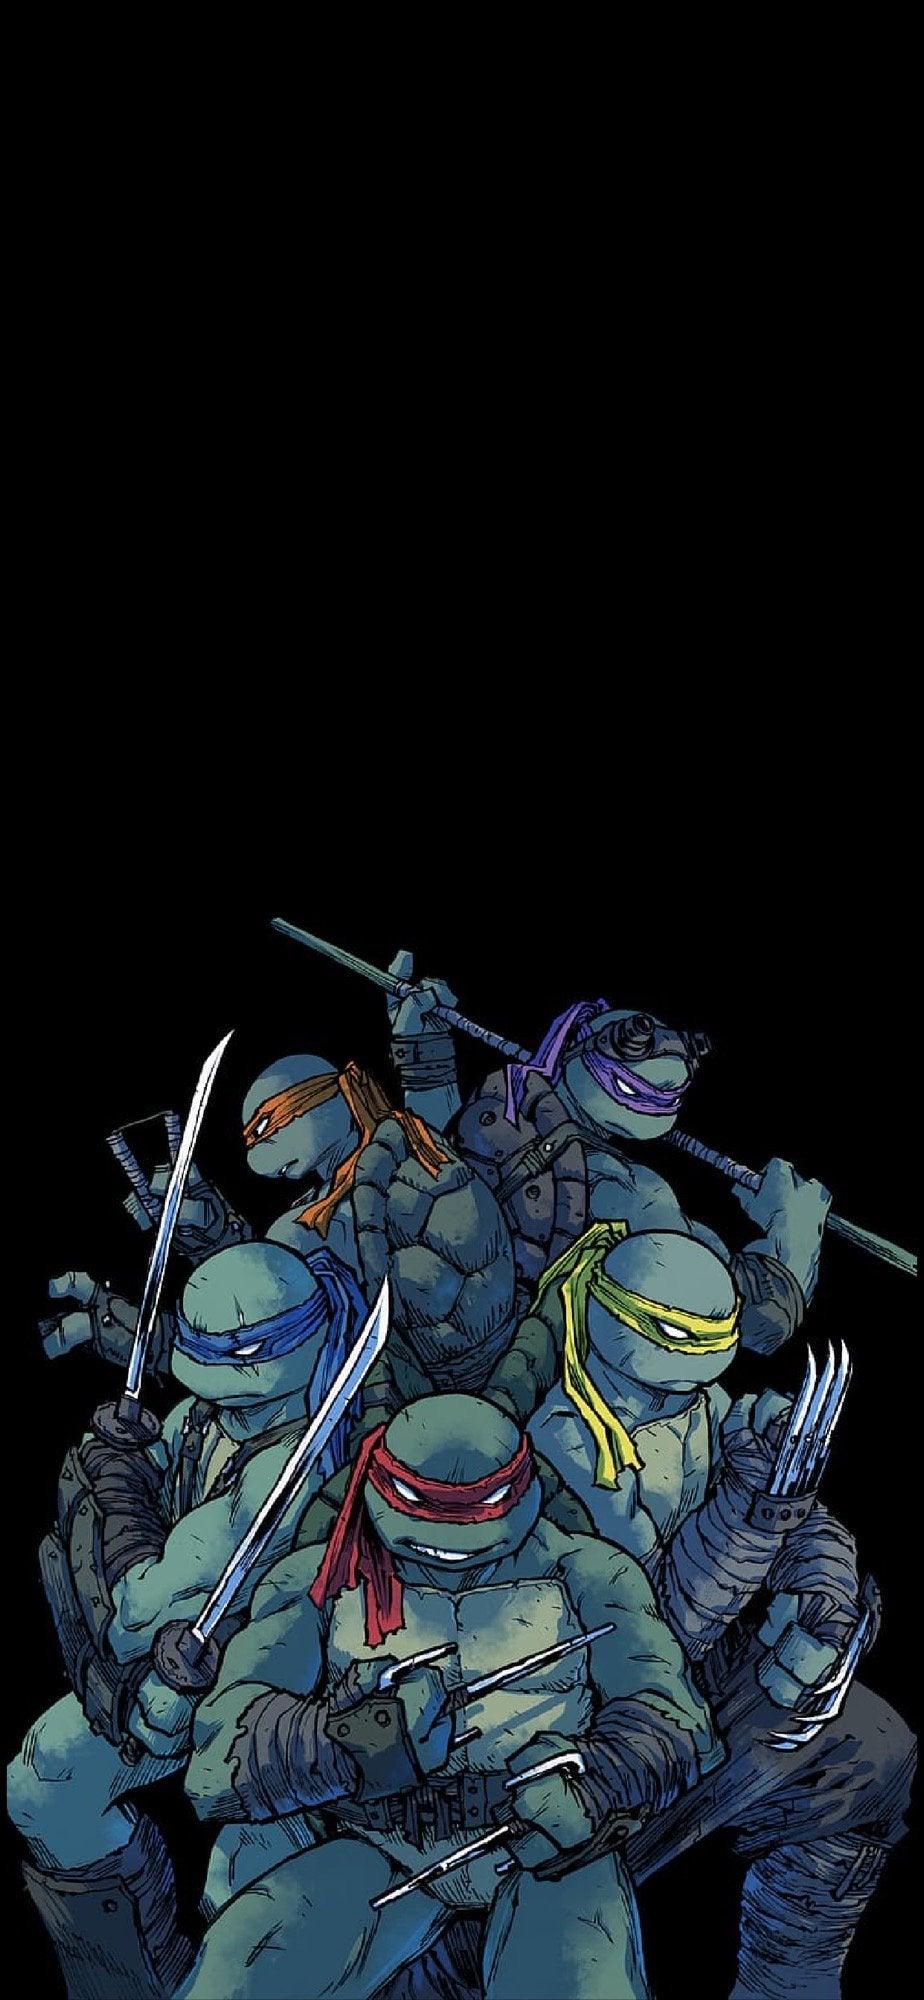 Teenage Mutant Ninja Turtles wallpaper phone